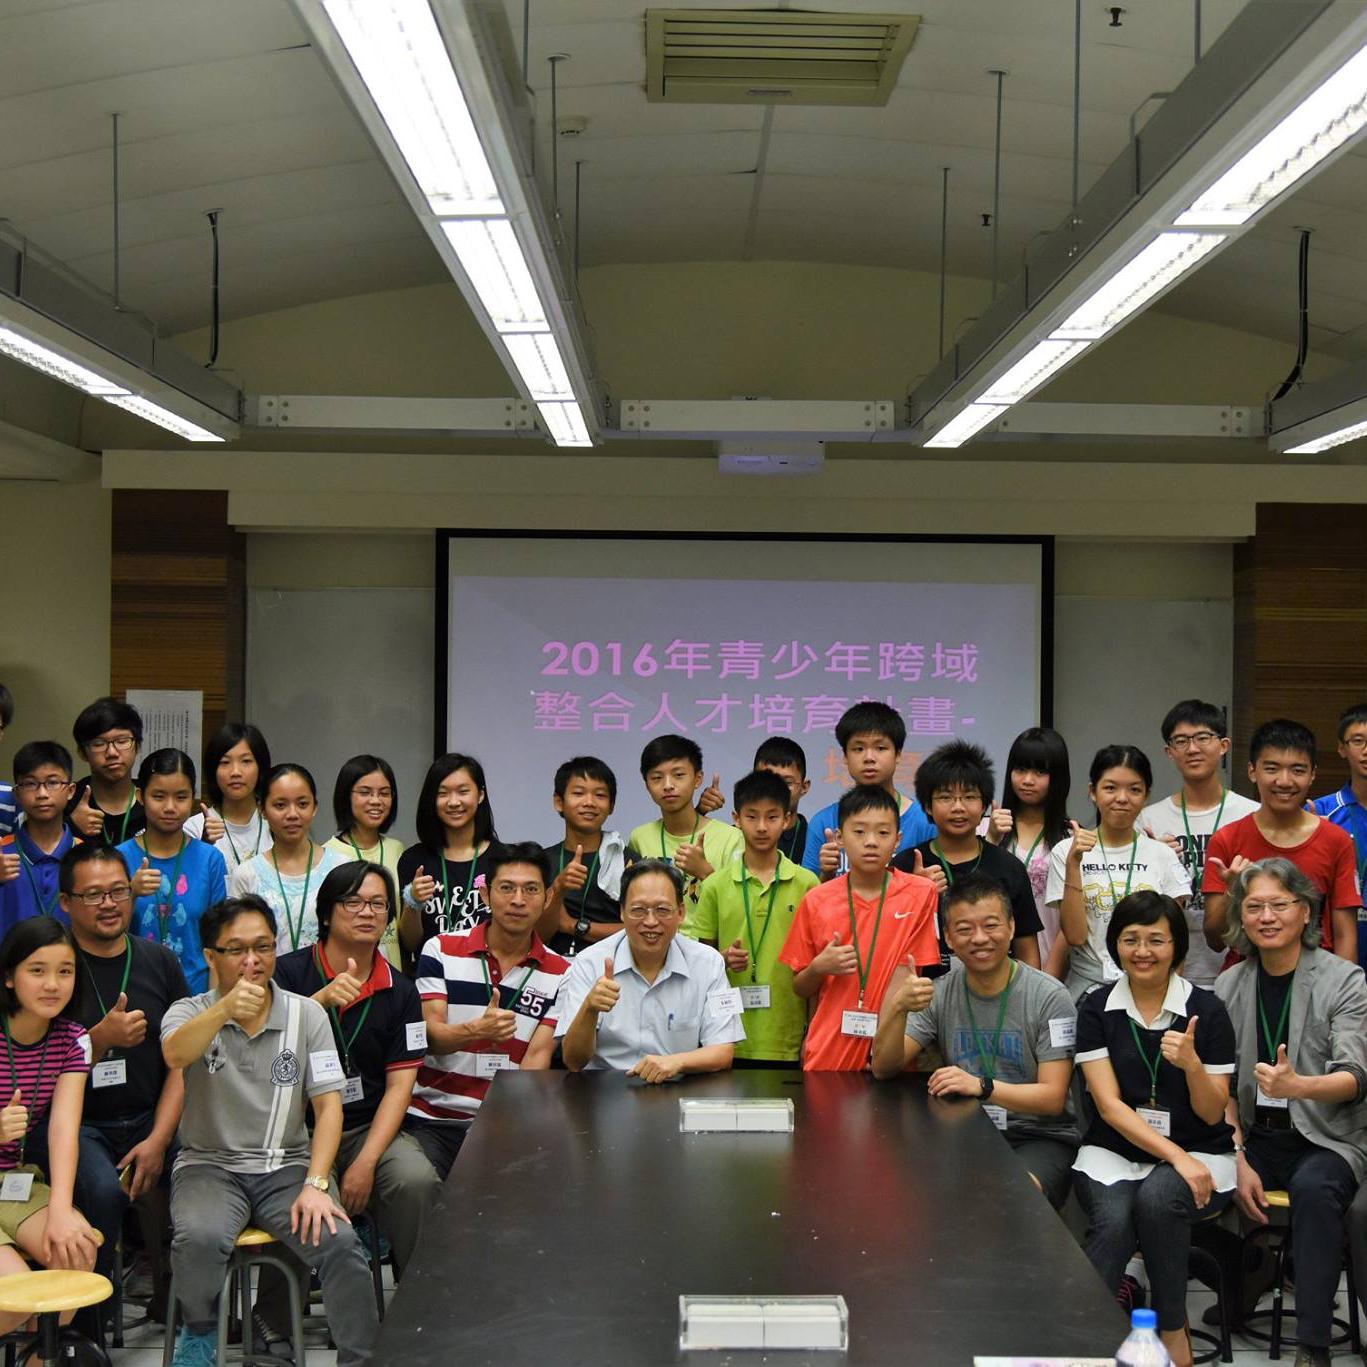 臺灣科學教育館「青少年跨域整合人才培育計畫」